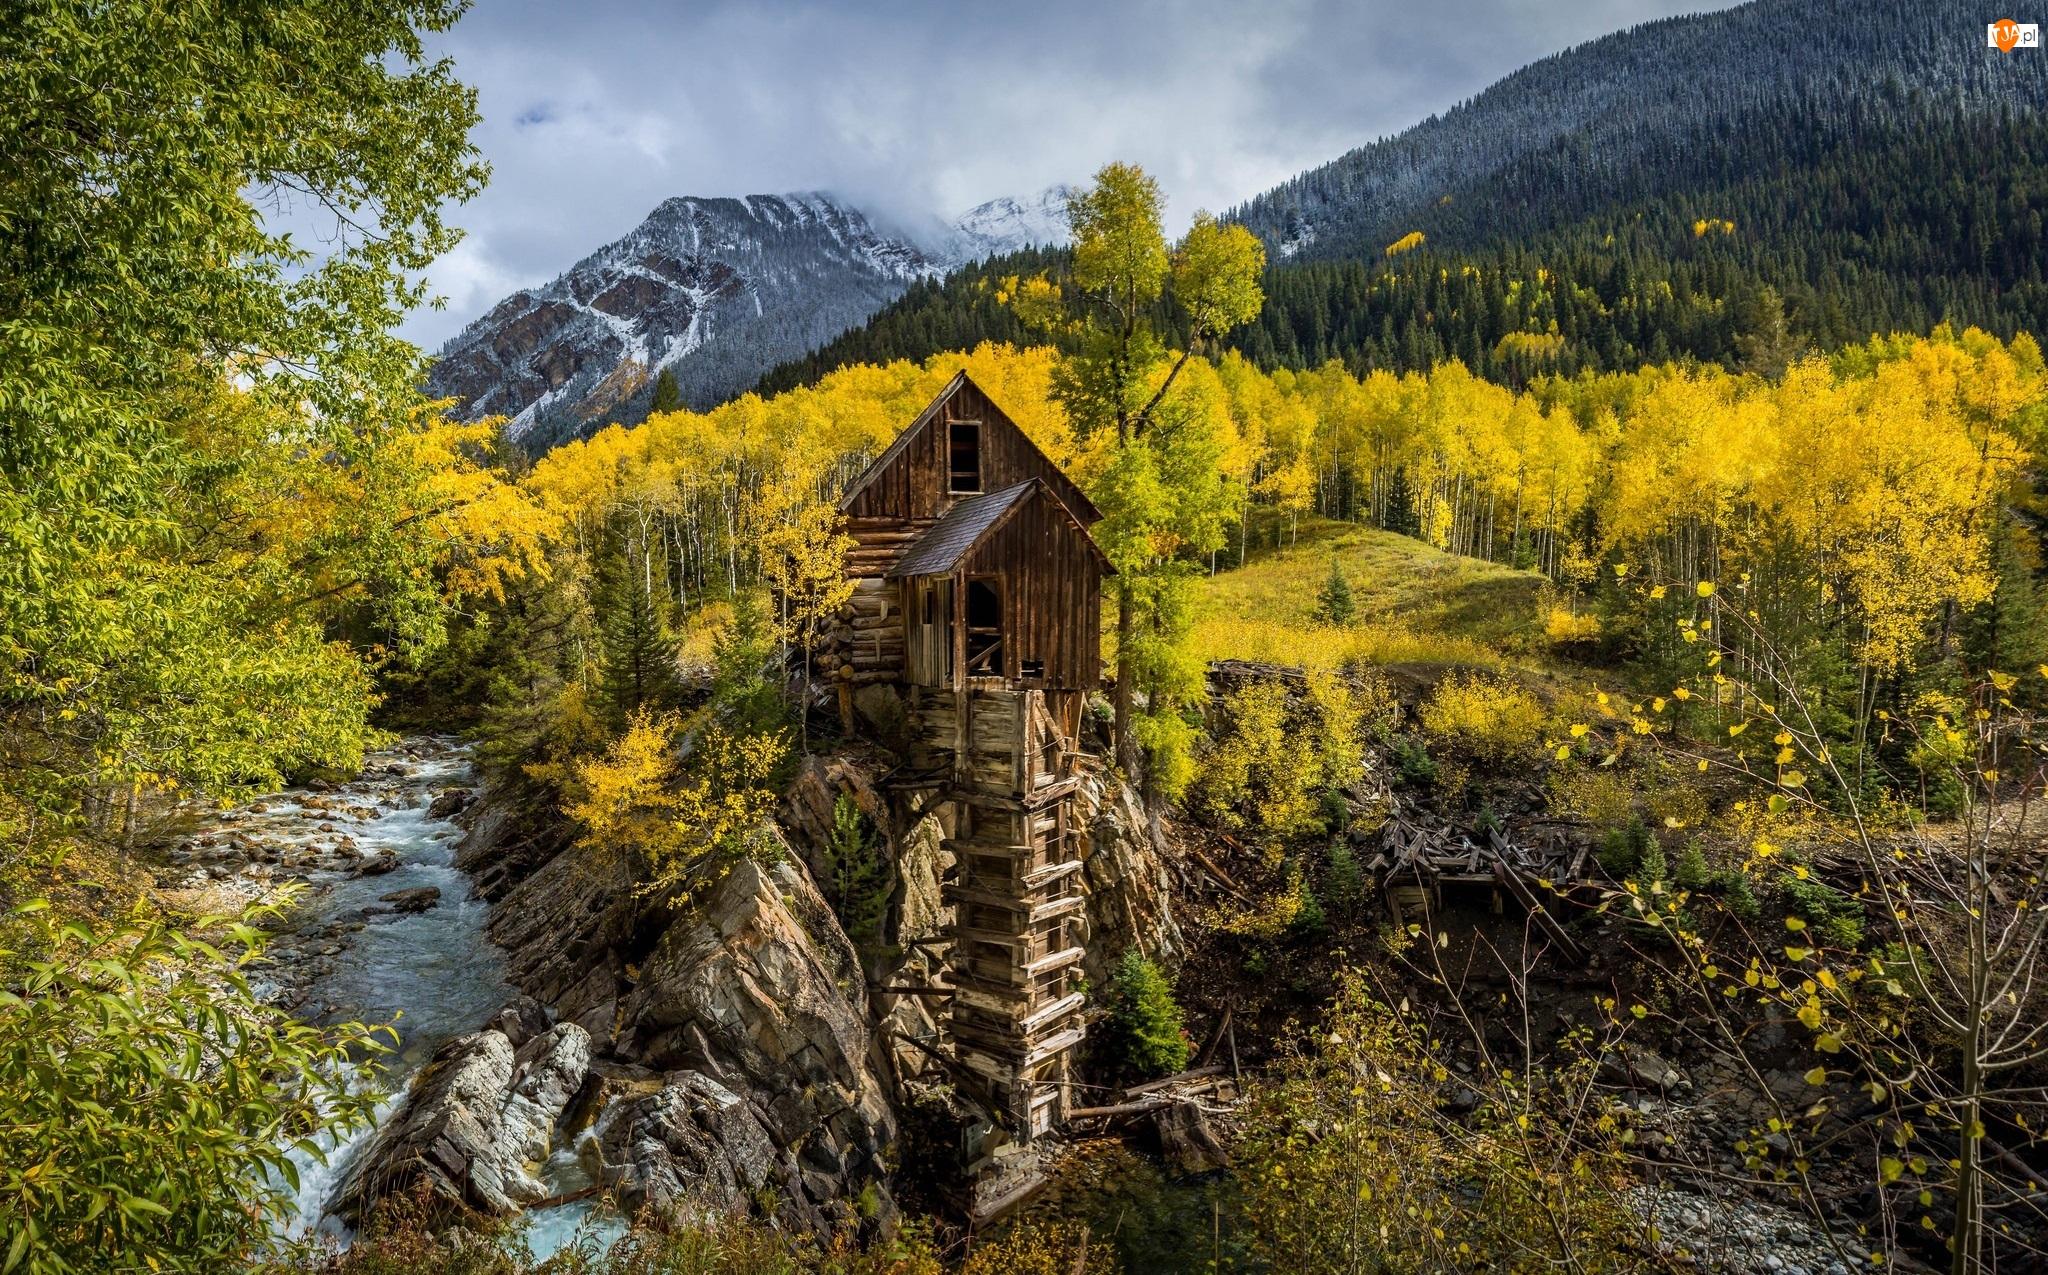 Las, Drzewa, Stan Kolorado, Rzeka, Stany Zjednoczone, Jesień, Młyn Crystal Mill, Góry